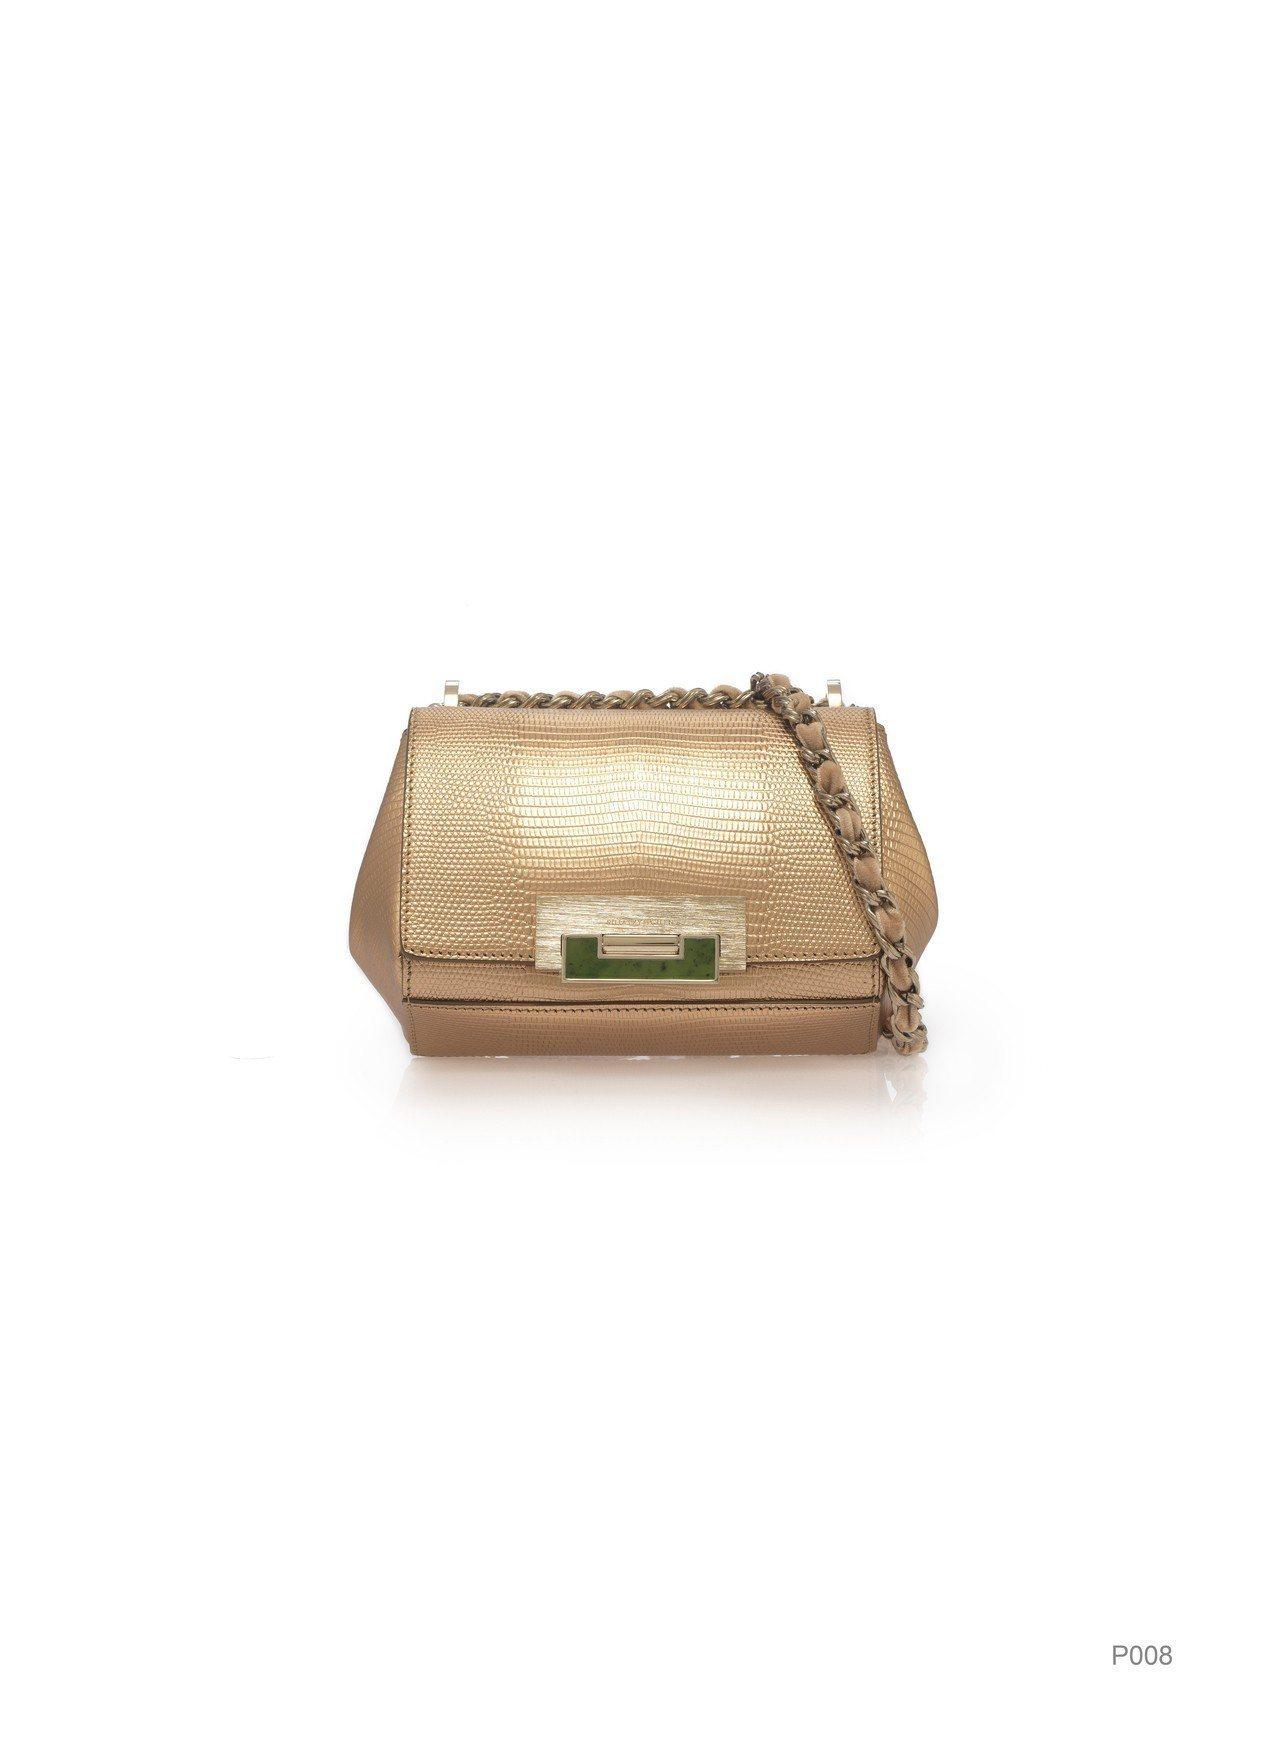 金色鍊帶肩背小包,特價12,540元。圖/夏姿提供